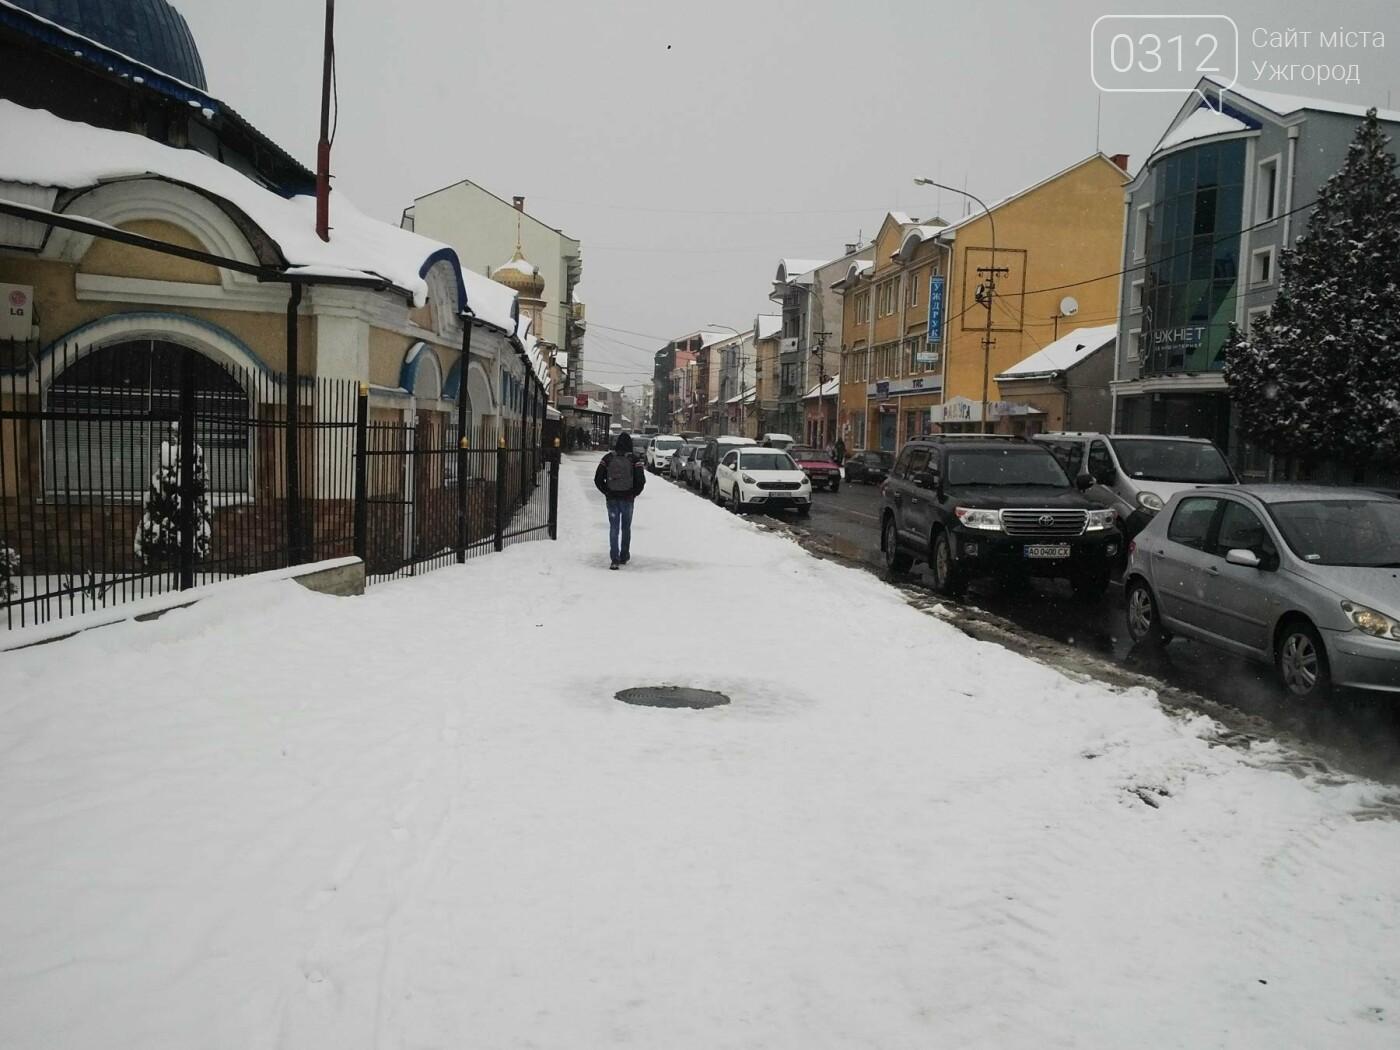 Ужгород - наодинці зі снігом: тротуари не розчищені та непідсипані, у двори не ступала нога комунальника (ФОТОРЕПОРТАЖ), фото-1